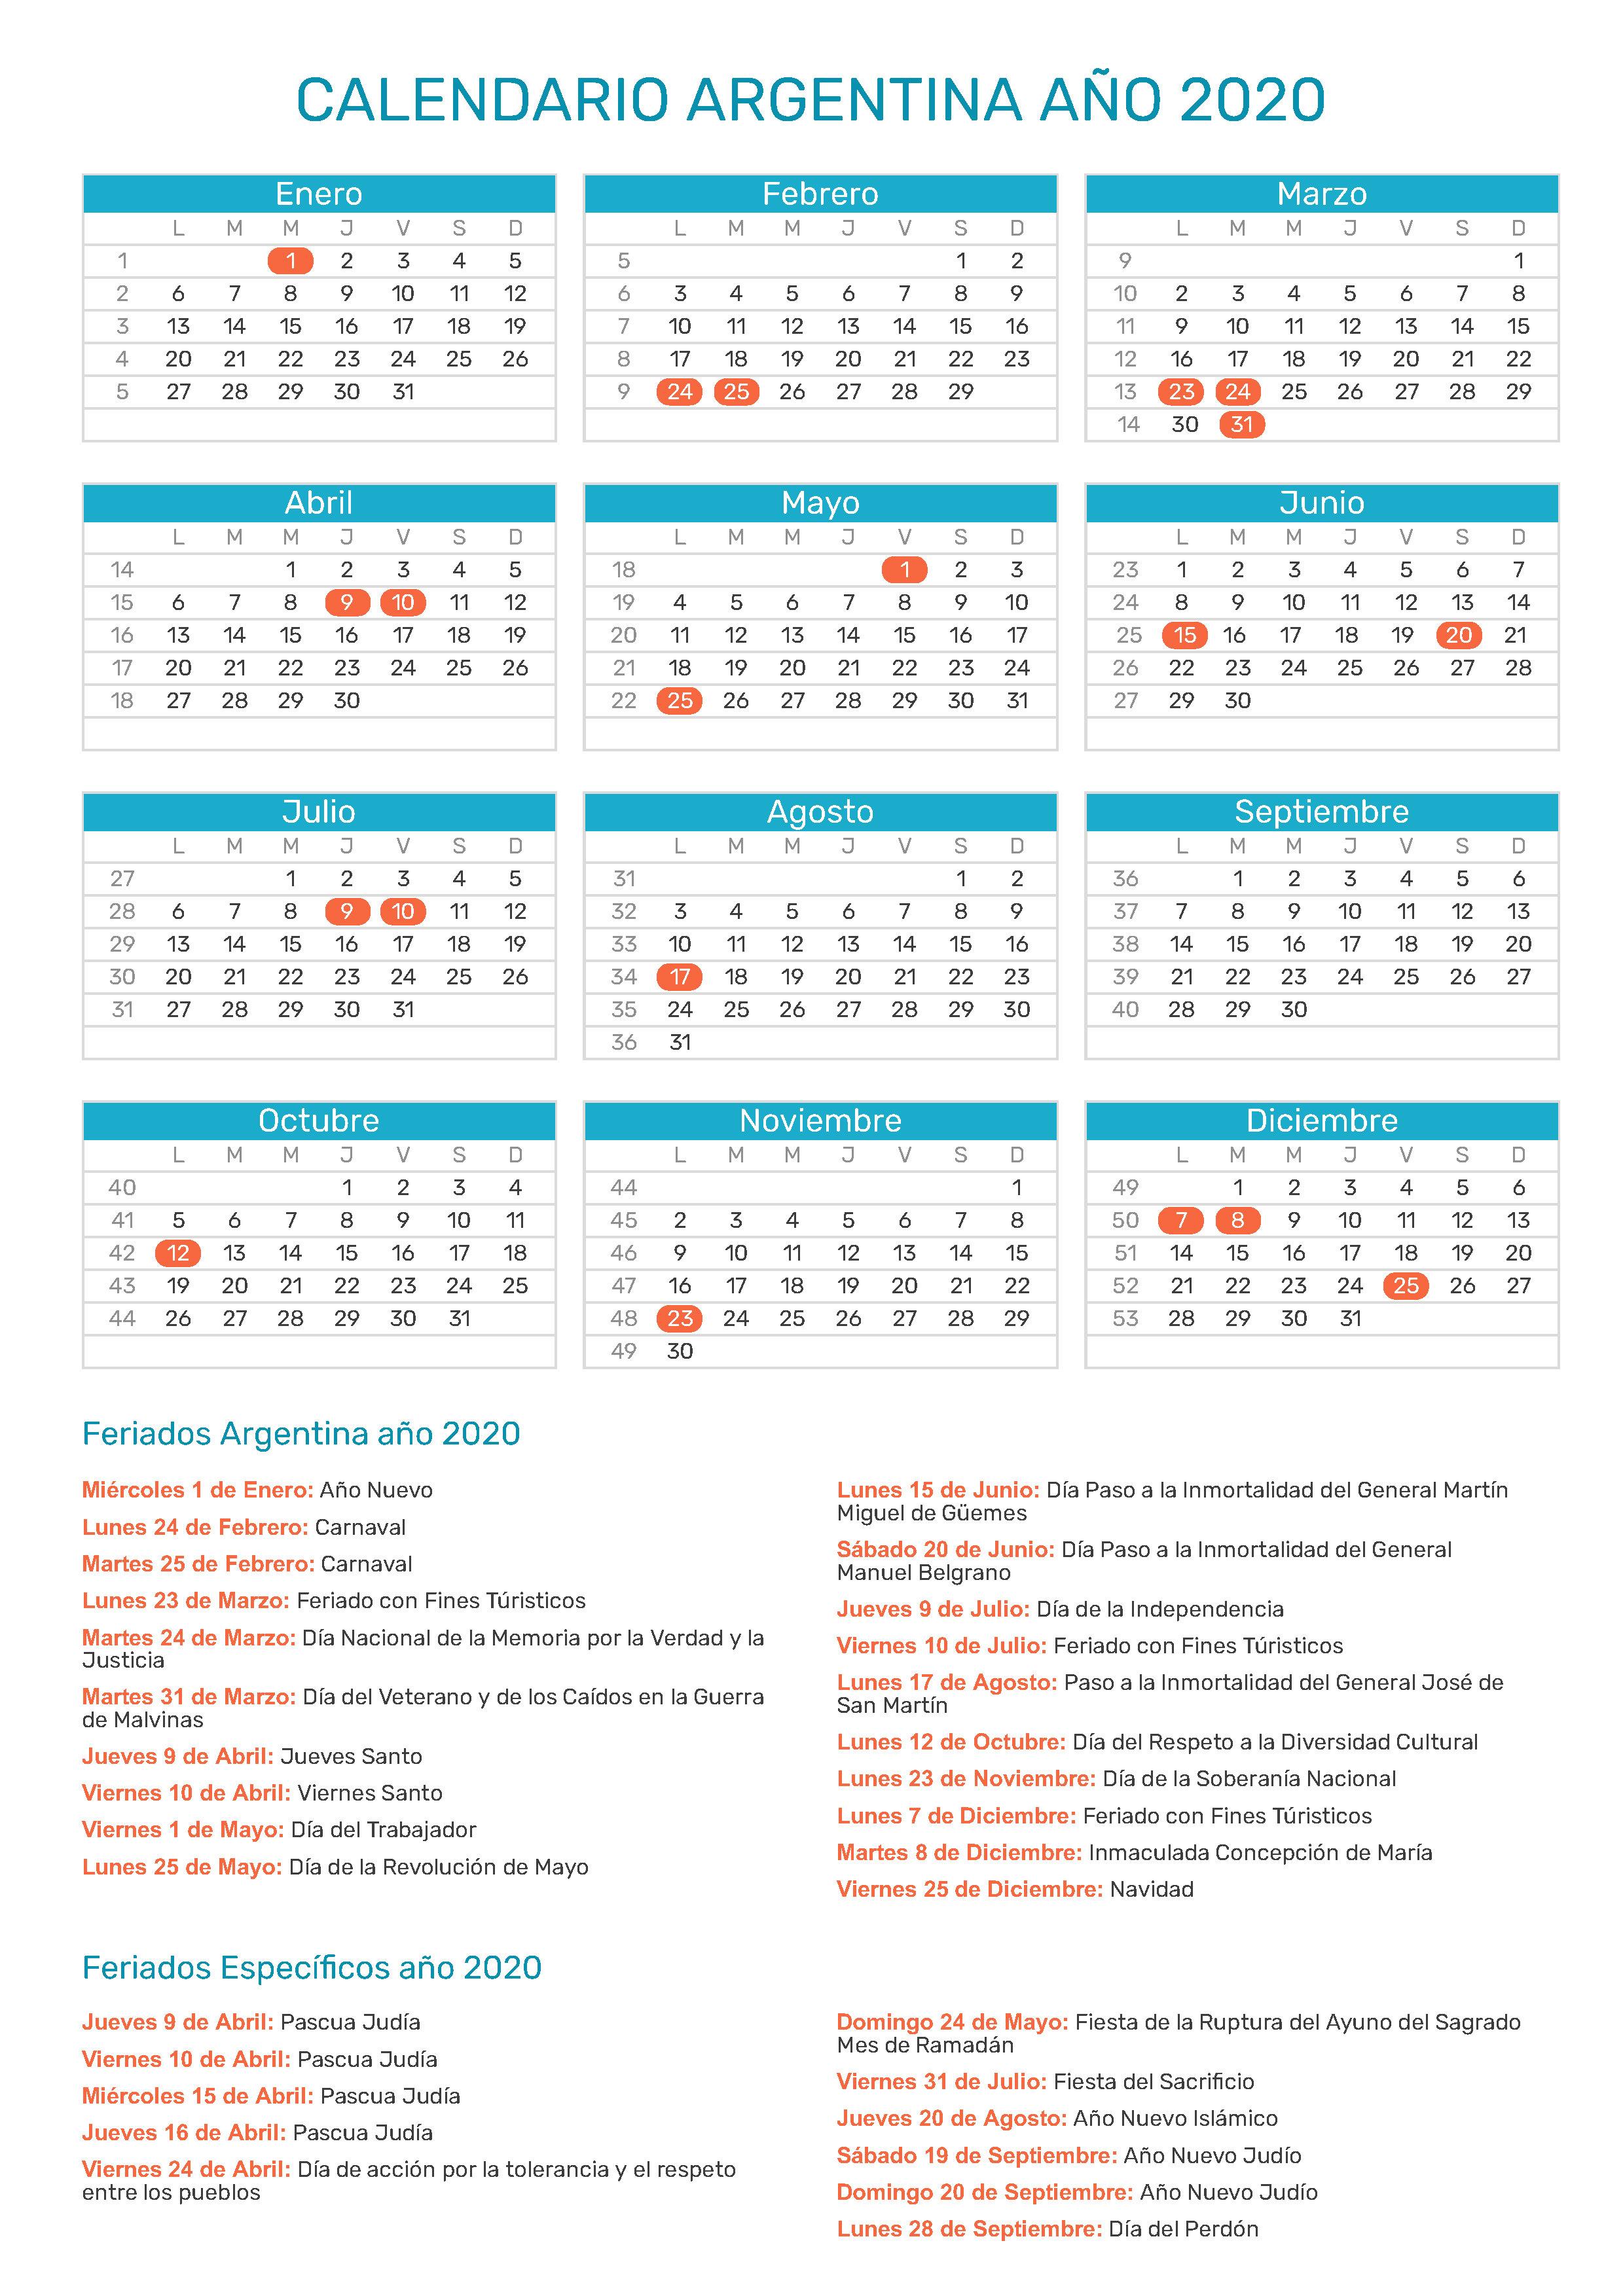 Calendario Agosto 2020 Argentina.Calendario De Argentina Ano 2020 Feriados